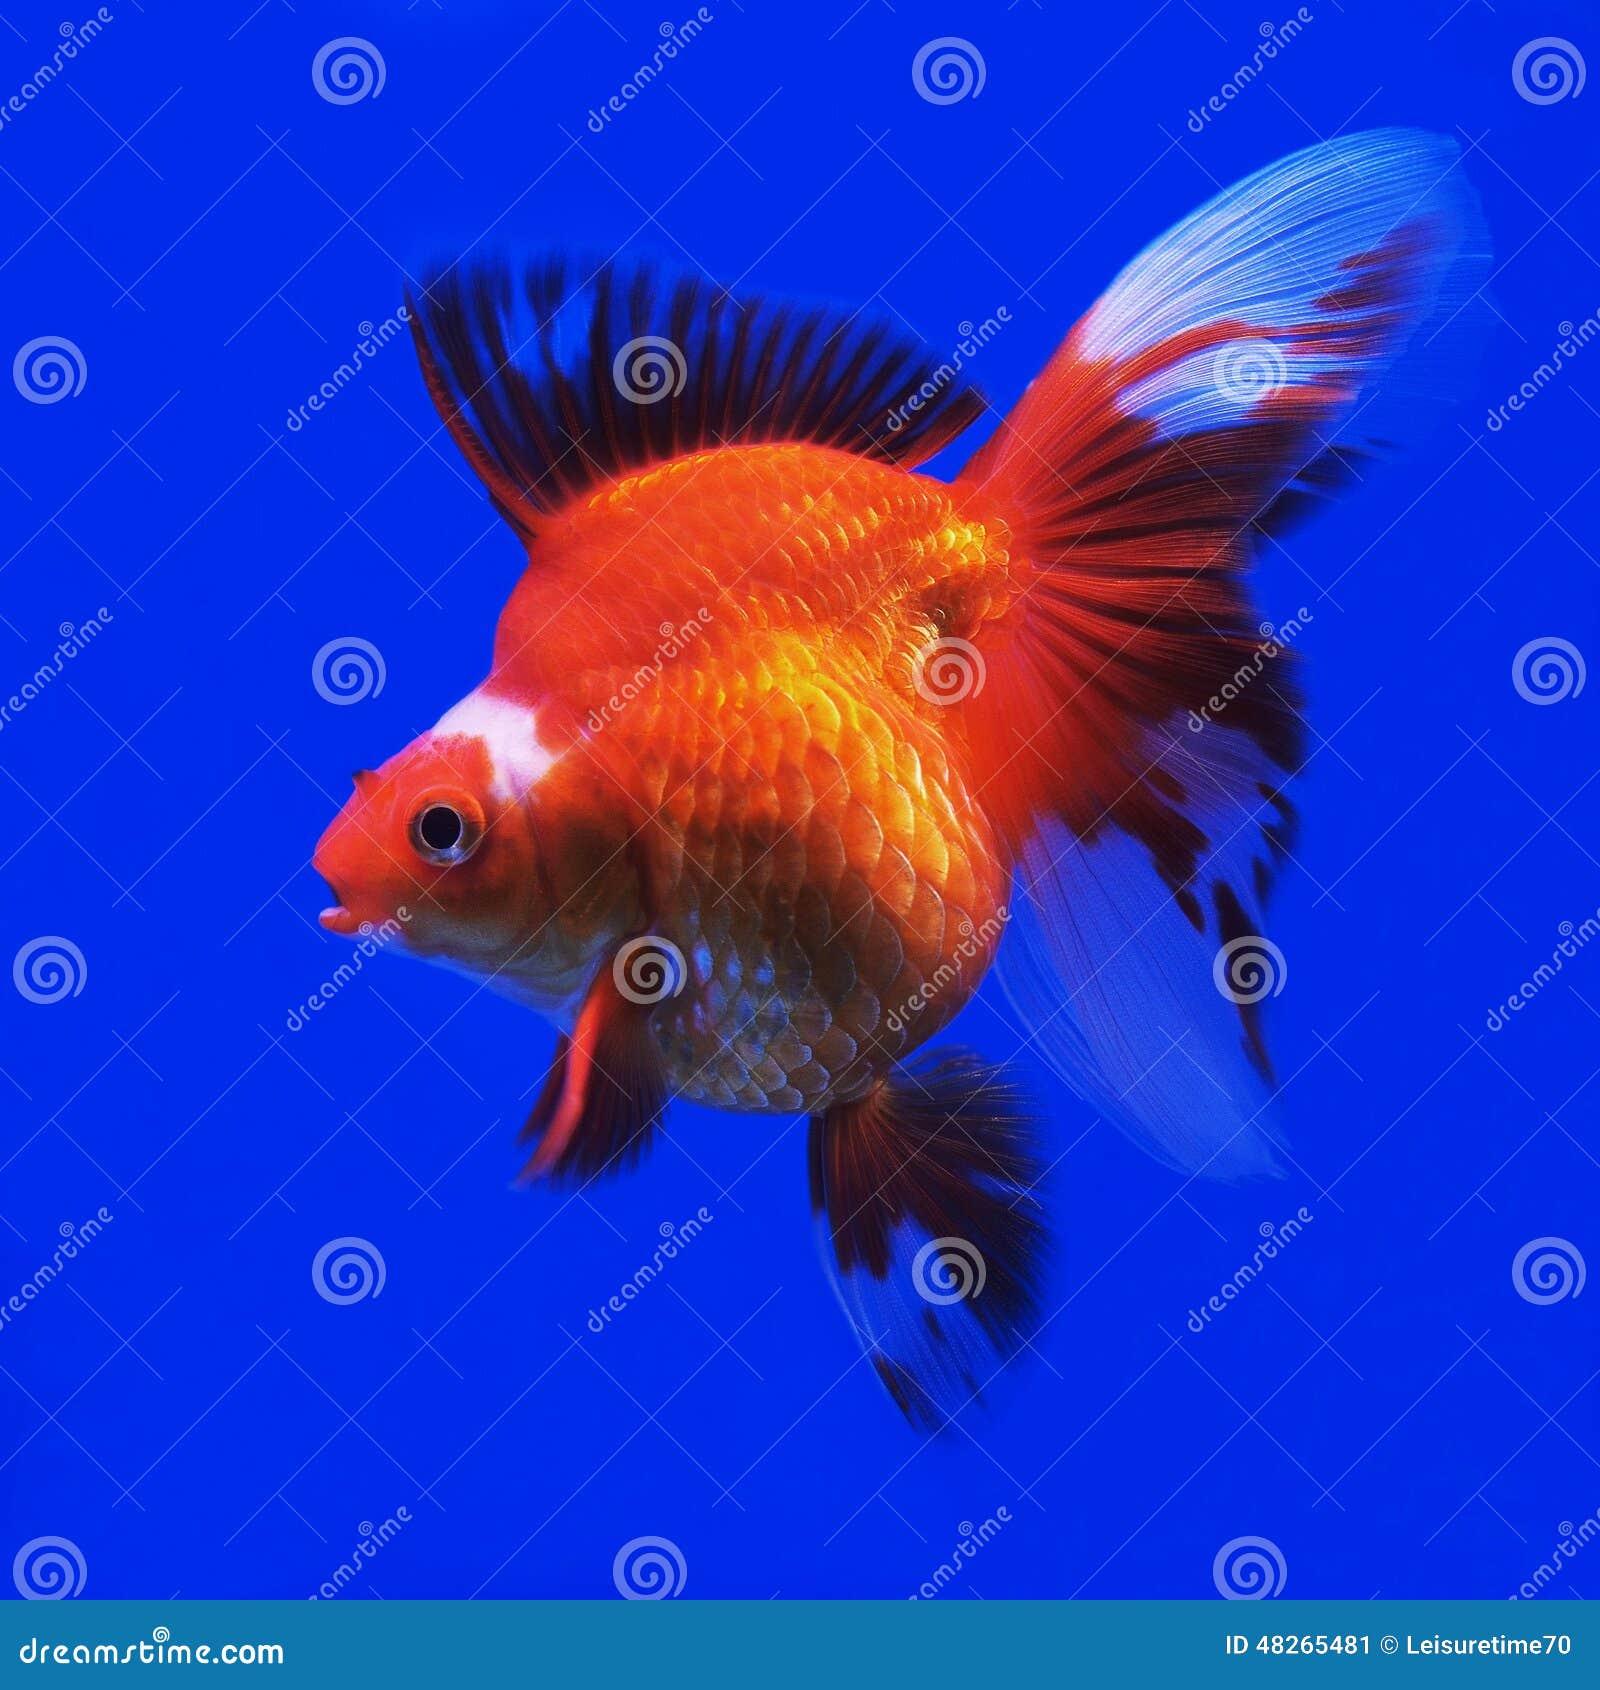 Goldfish Stock Photo - Image: 48265481